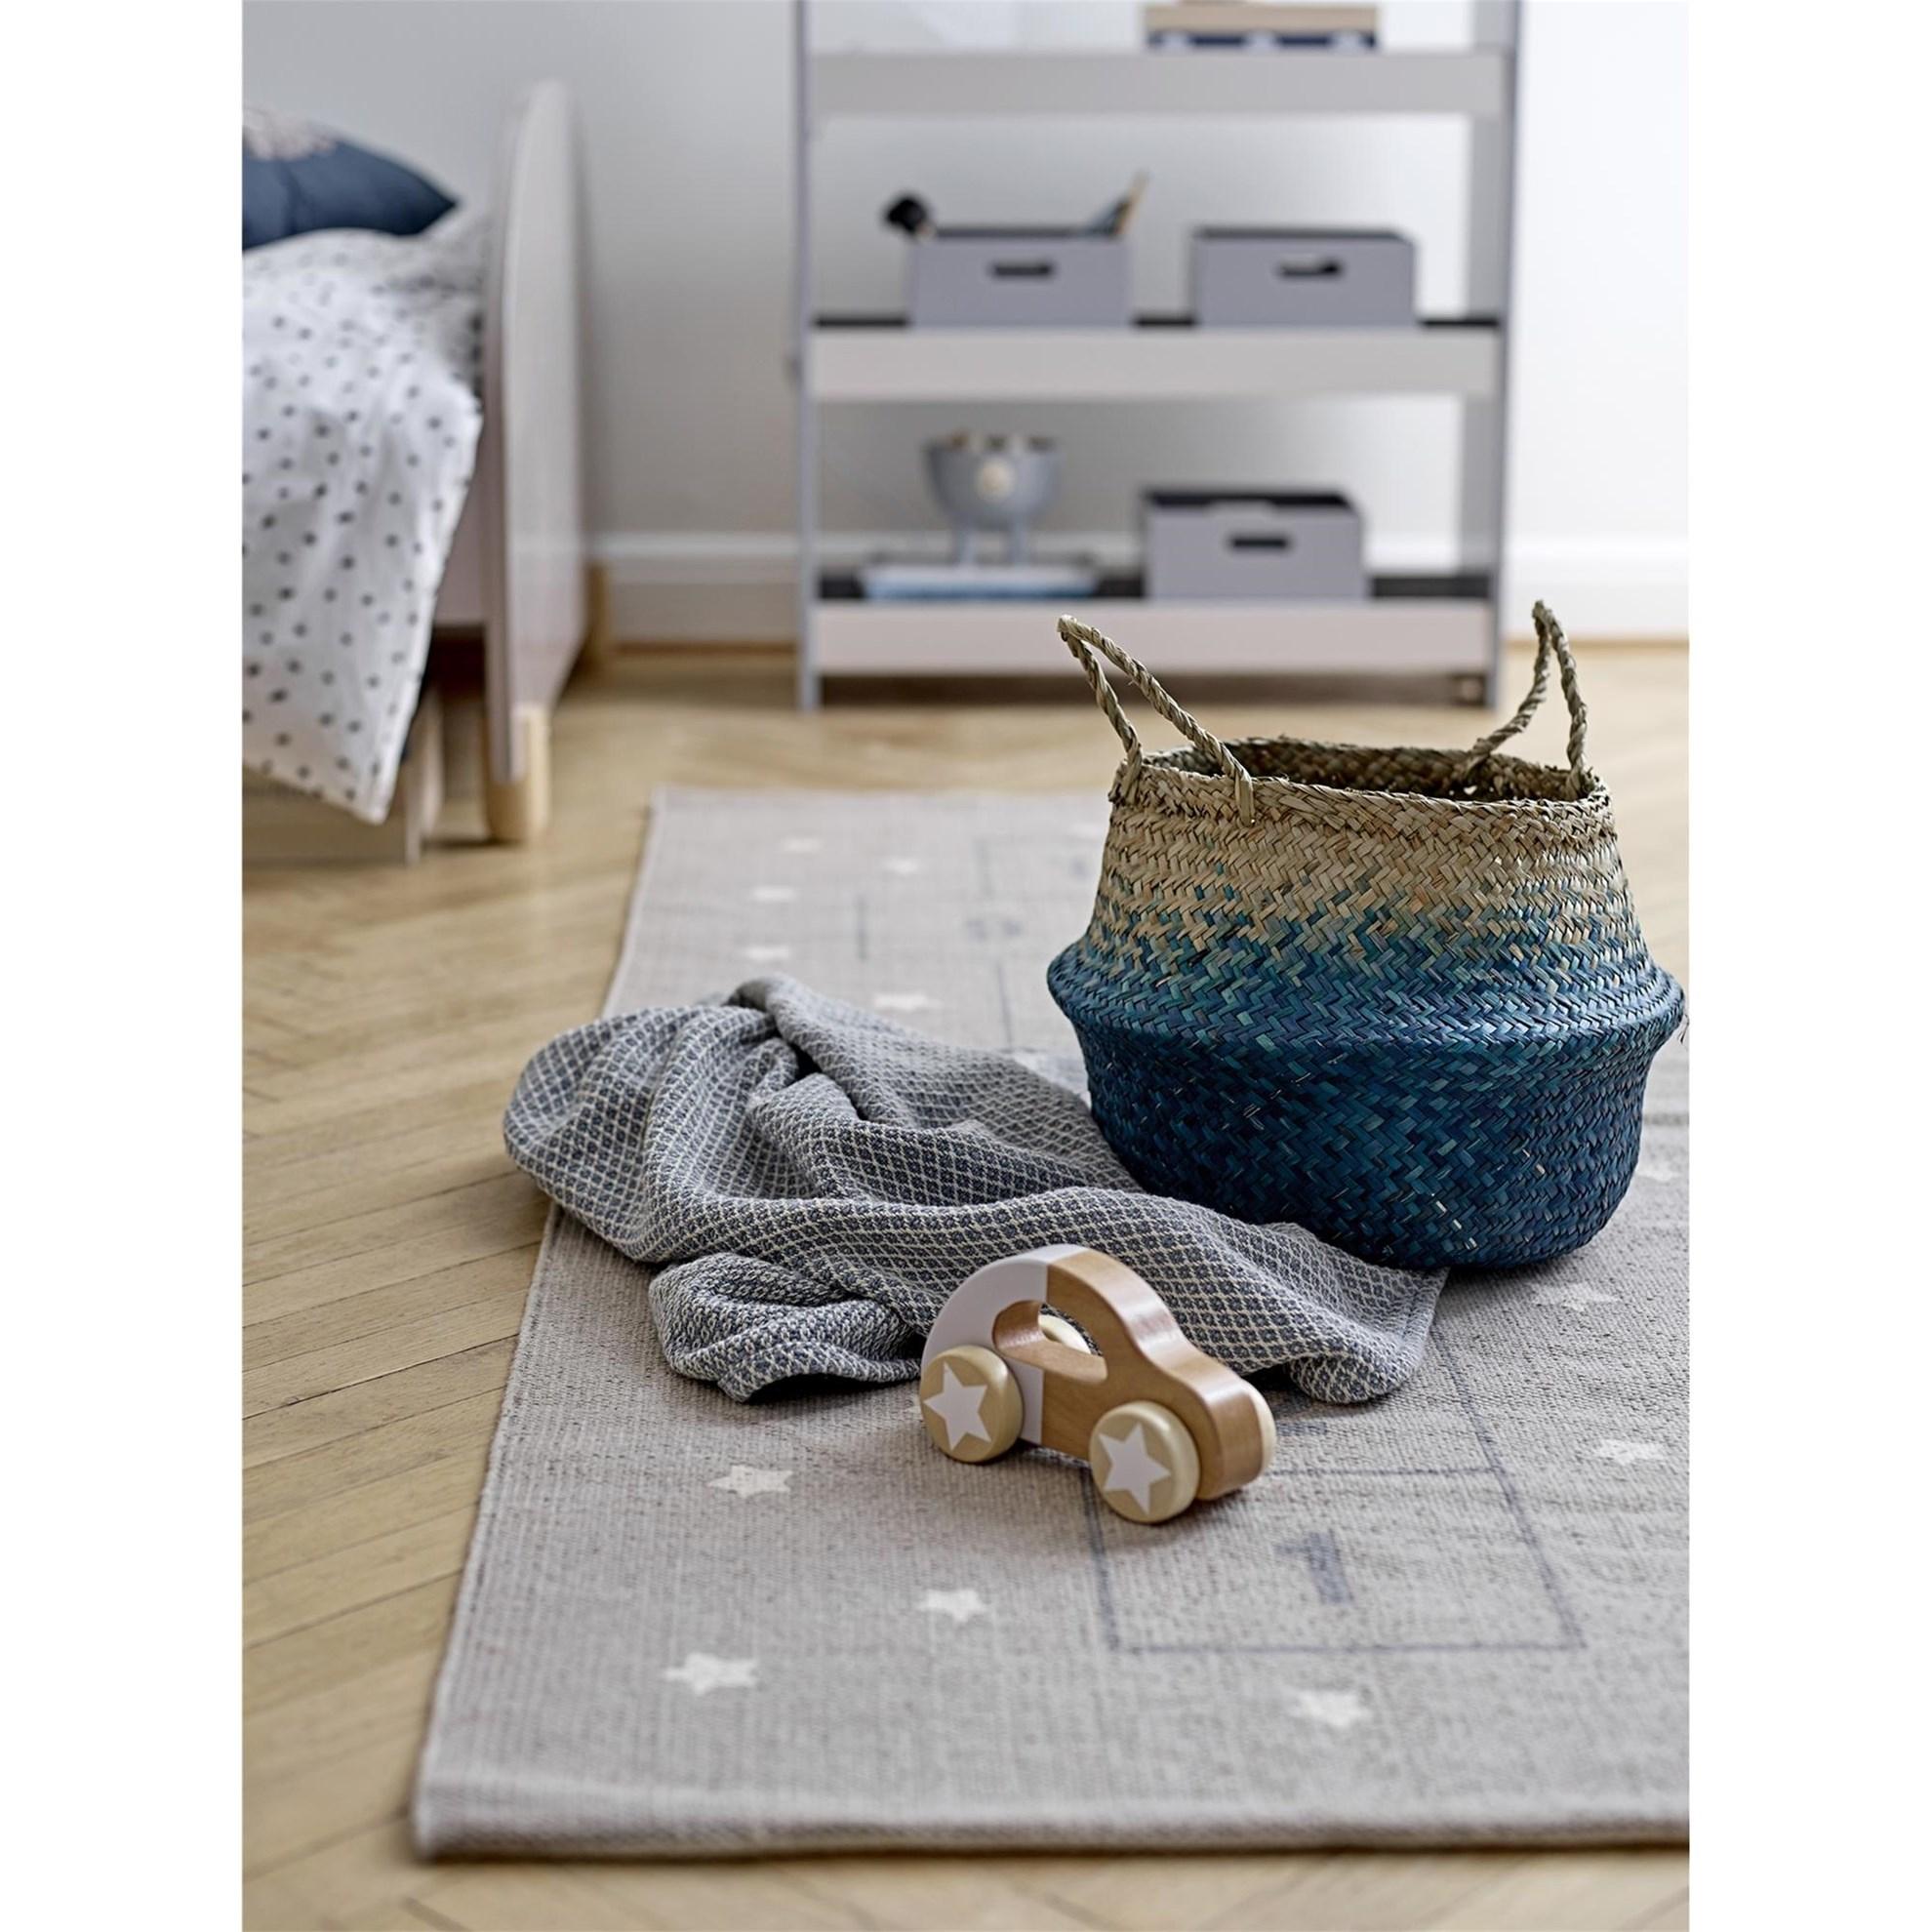 Bavlněný koberec se skákacím panákem_0